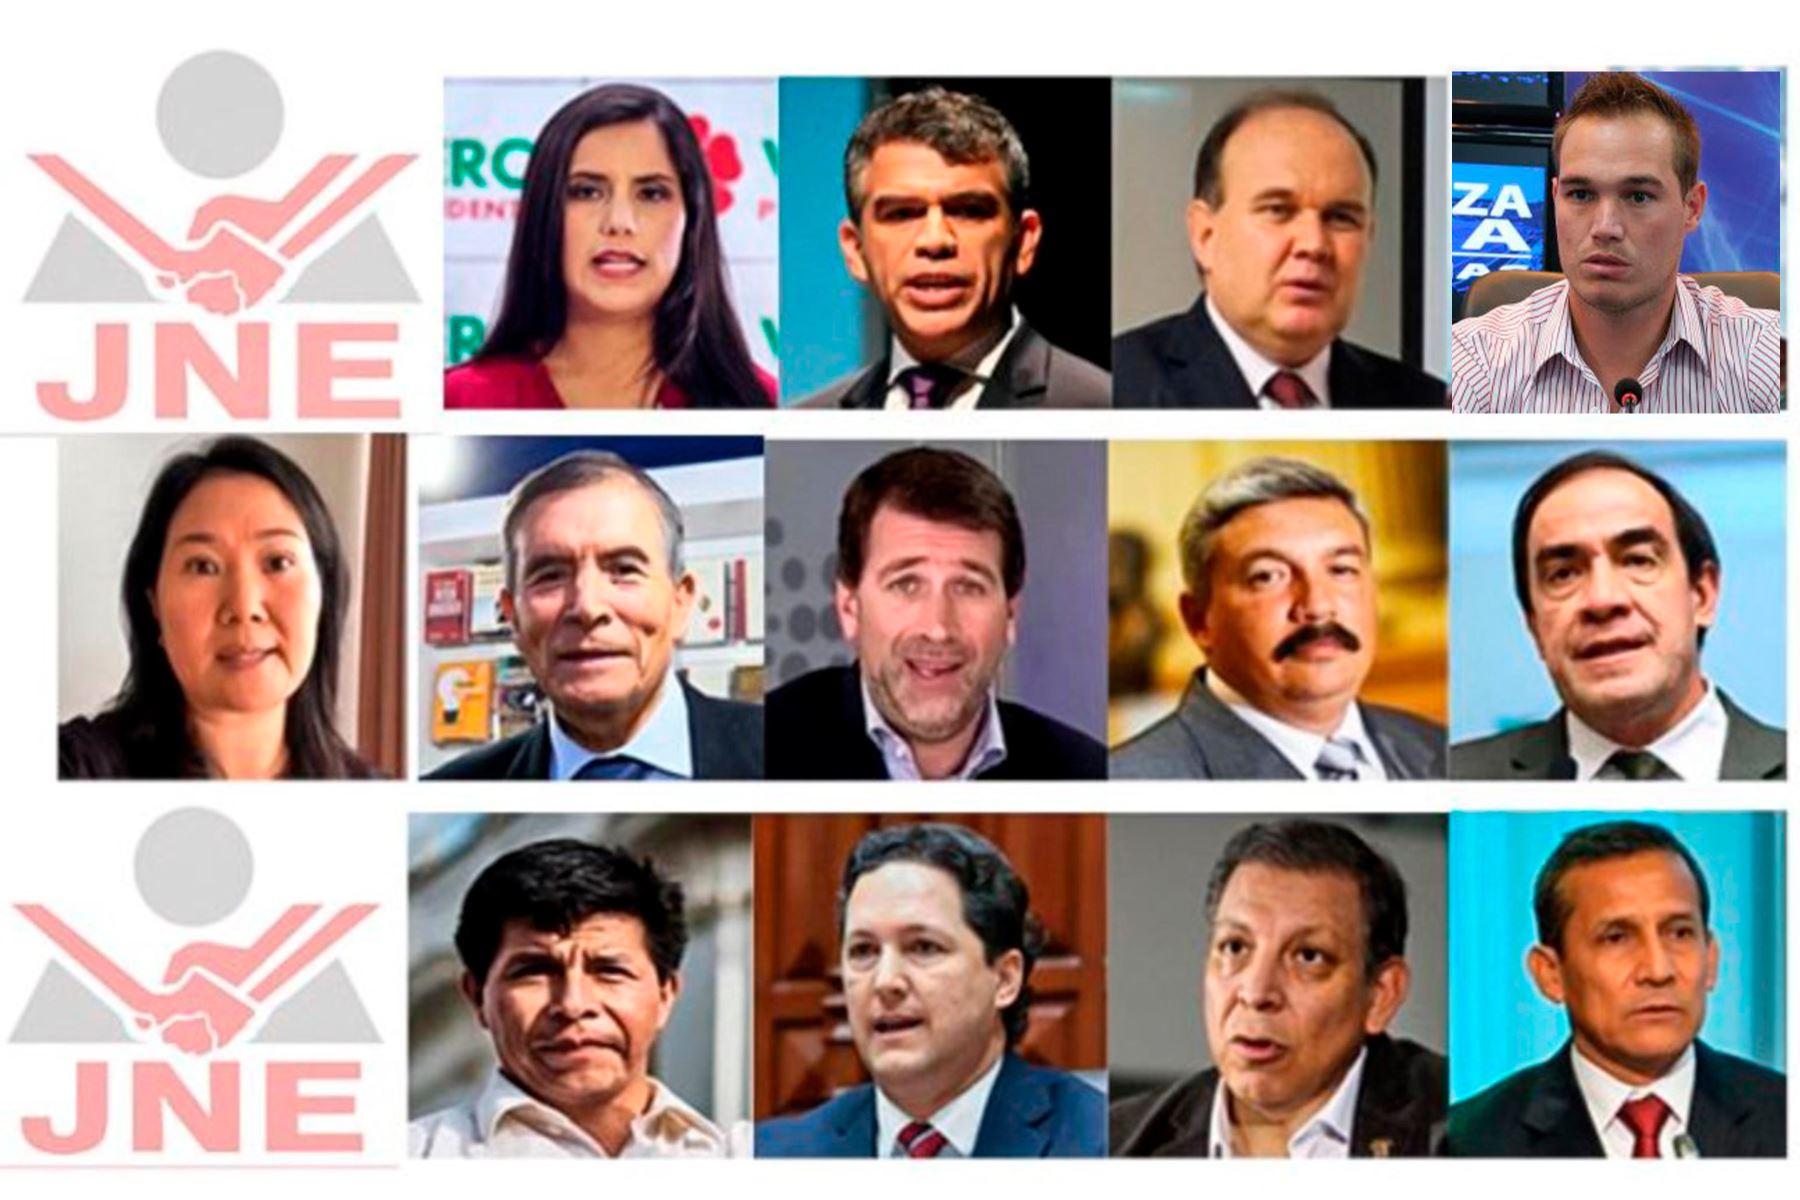 elecciones-2021-revisa-aqui-los-perfiles-de-los-candidatos-presidenciales